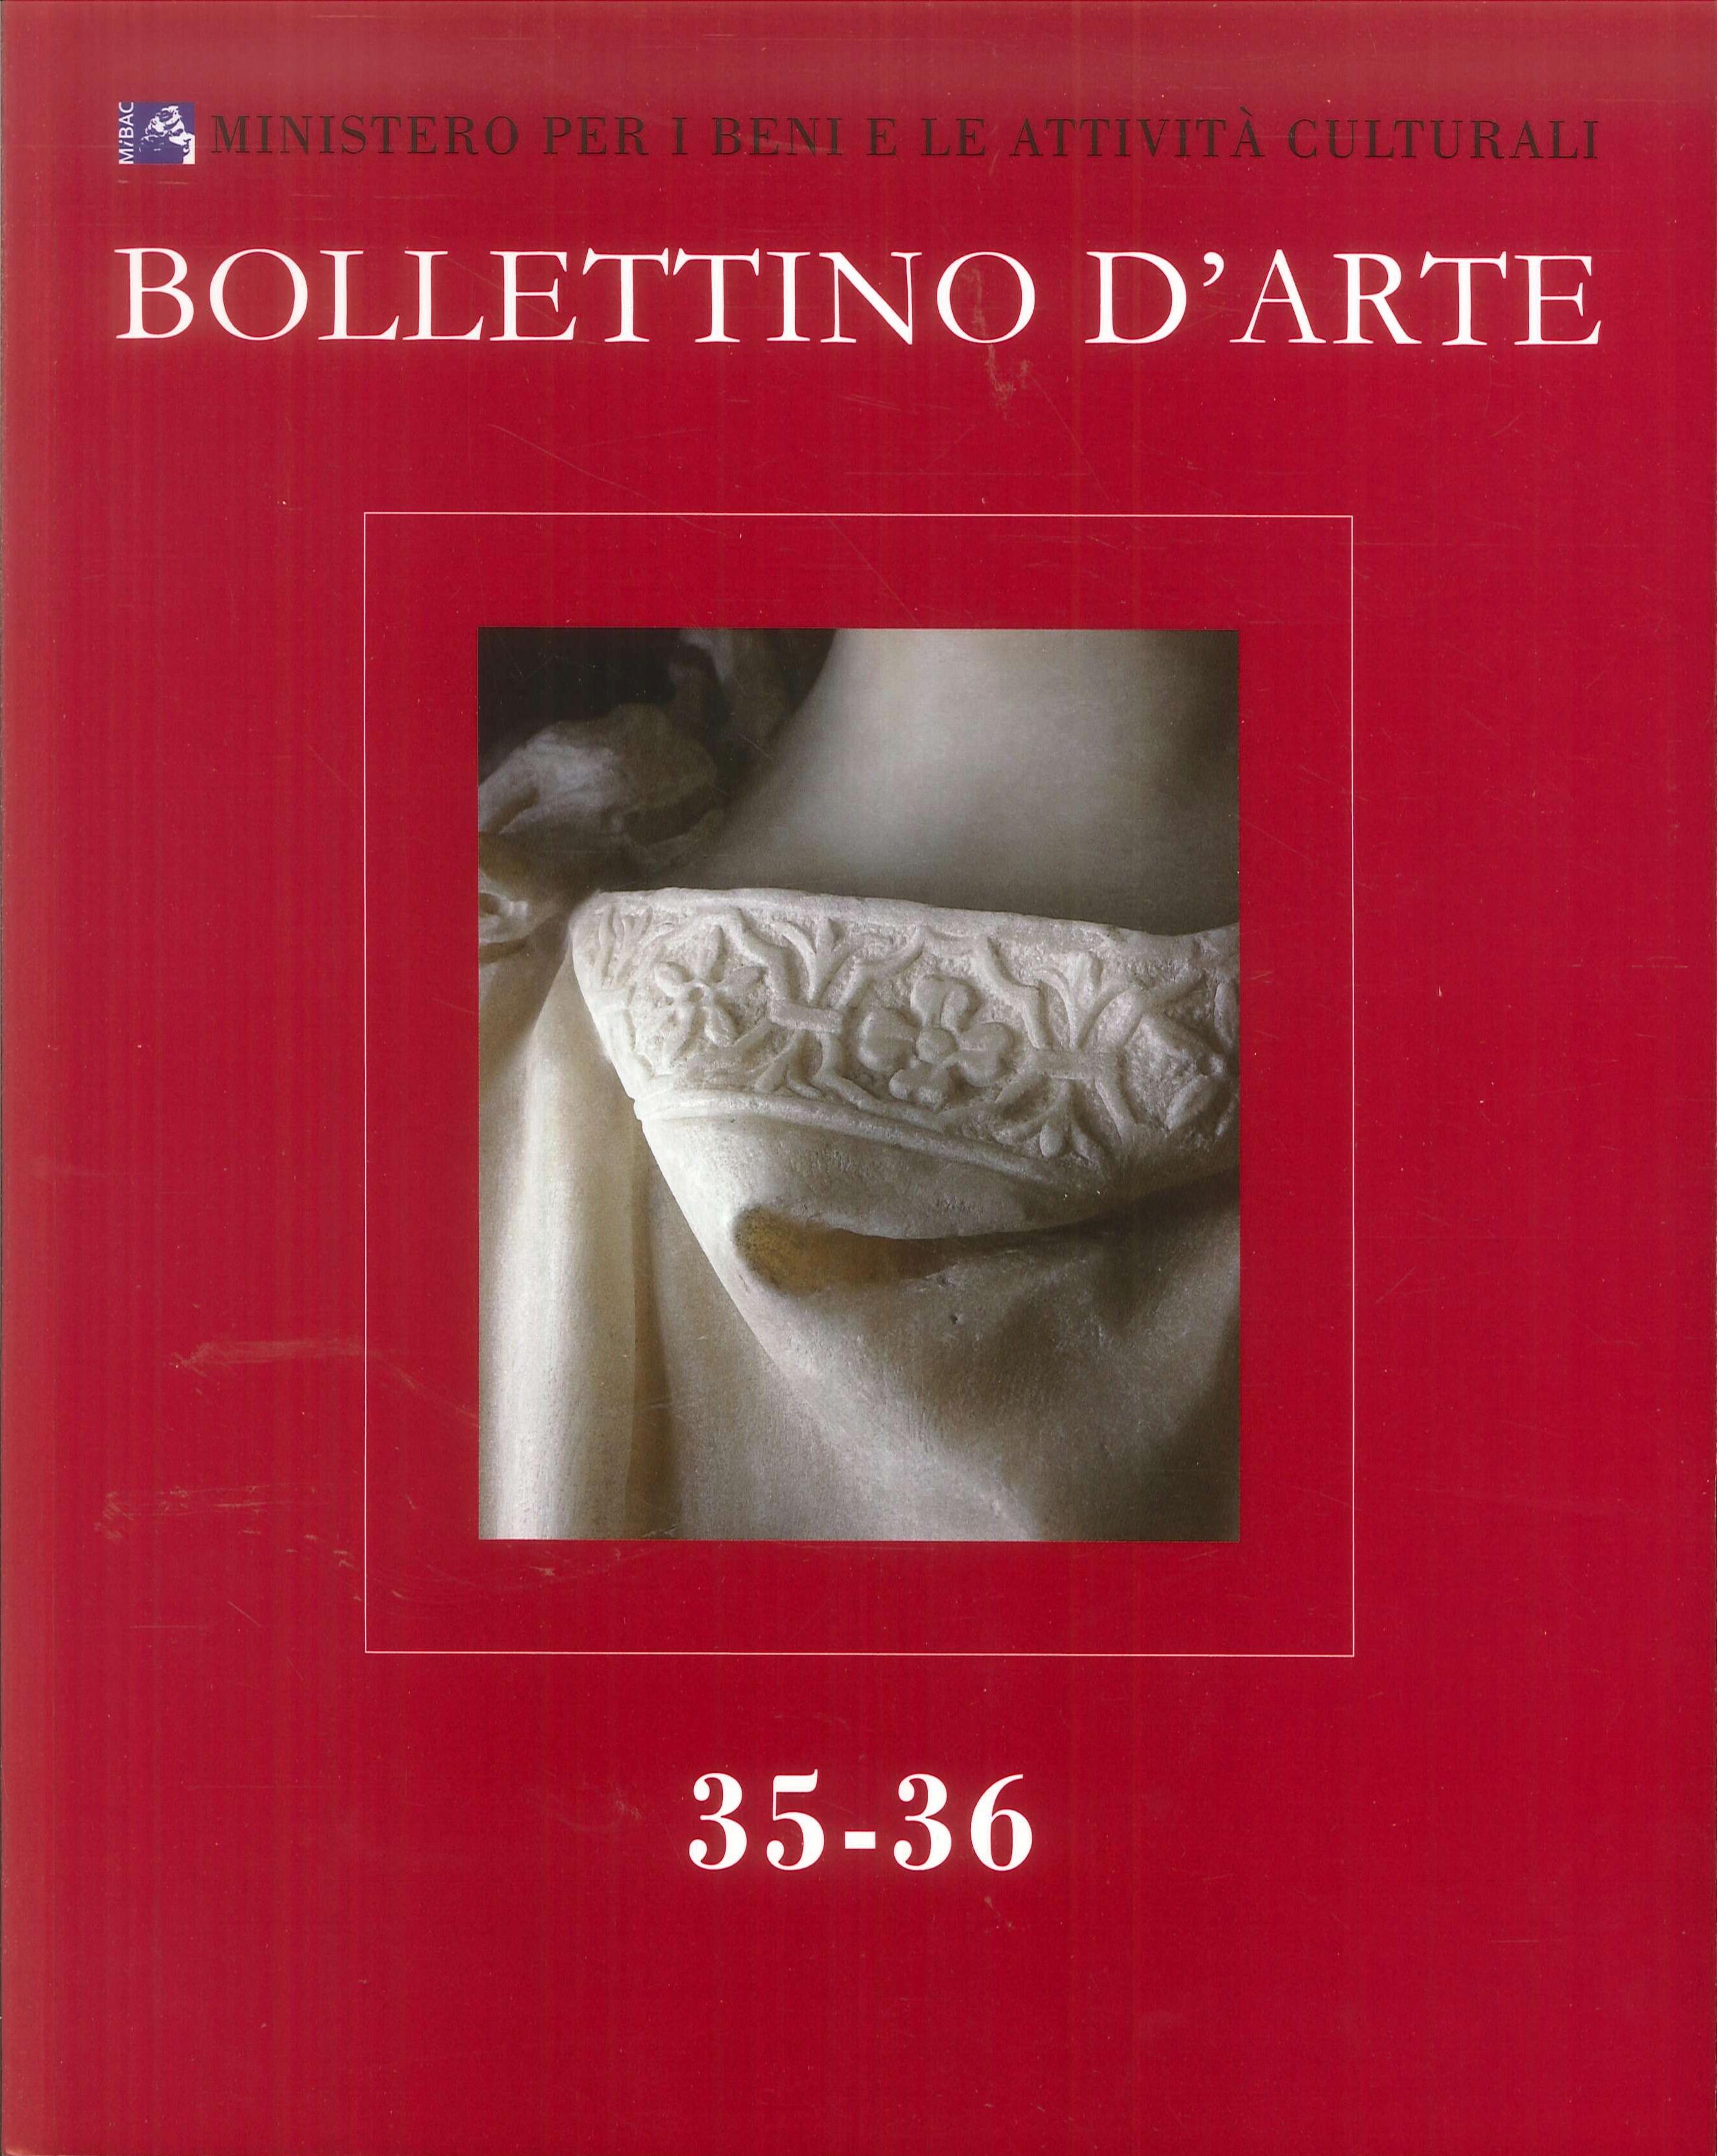 Bollettino d'Arte. 2017. Serie VII. Fascicolo n. 35-36.